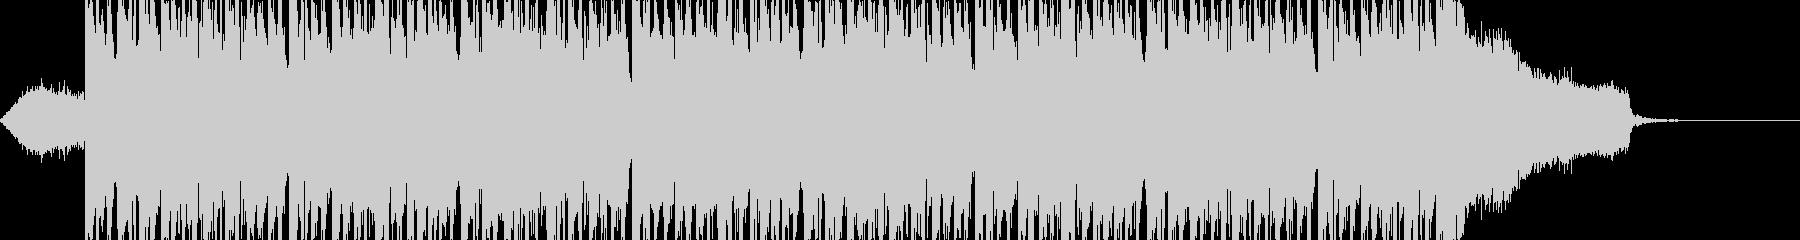 フュージョン系のテクノサウンドの未再生の波形